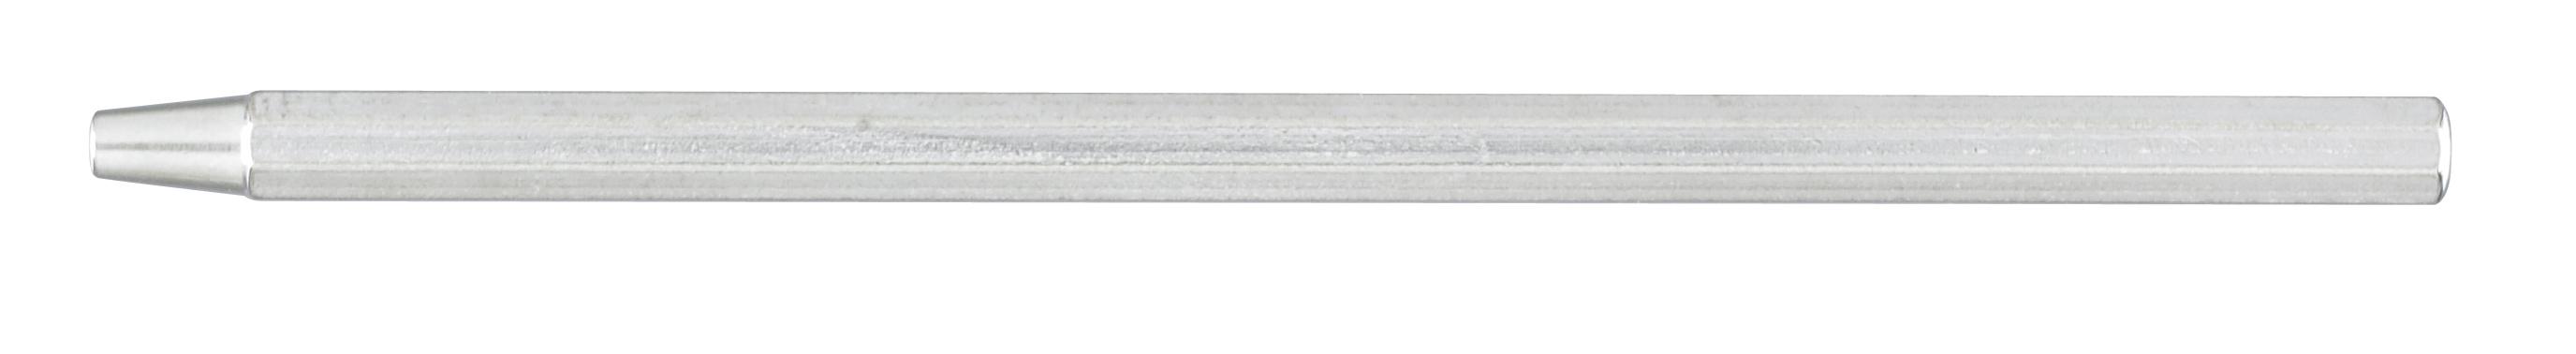 simple-stem-mirror-handle-octagonal-smooth-011-26602-miltex.jpg